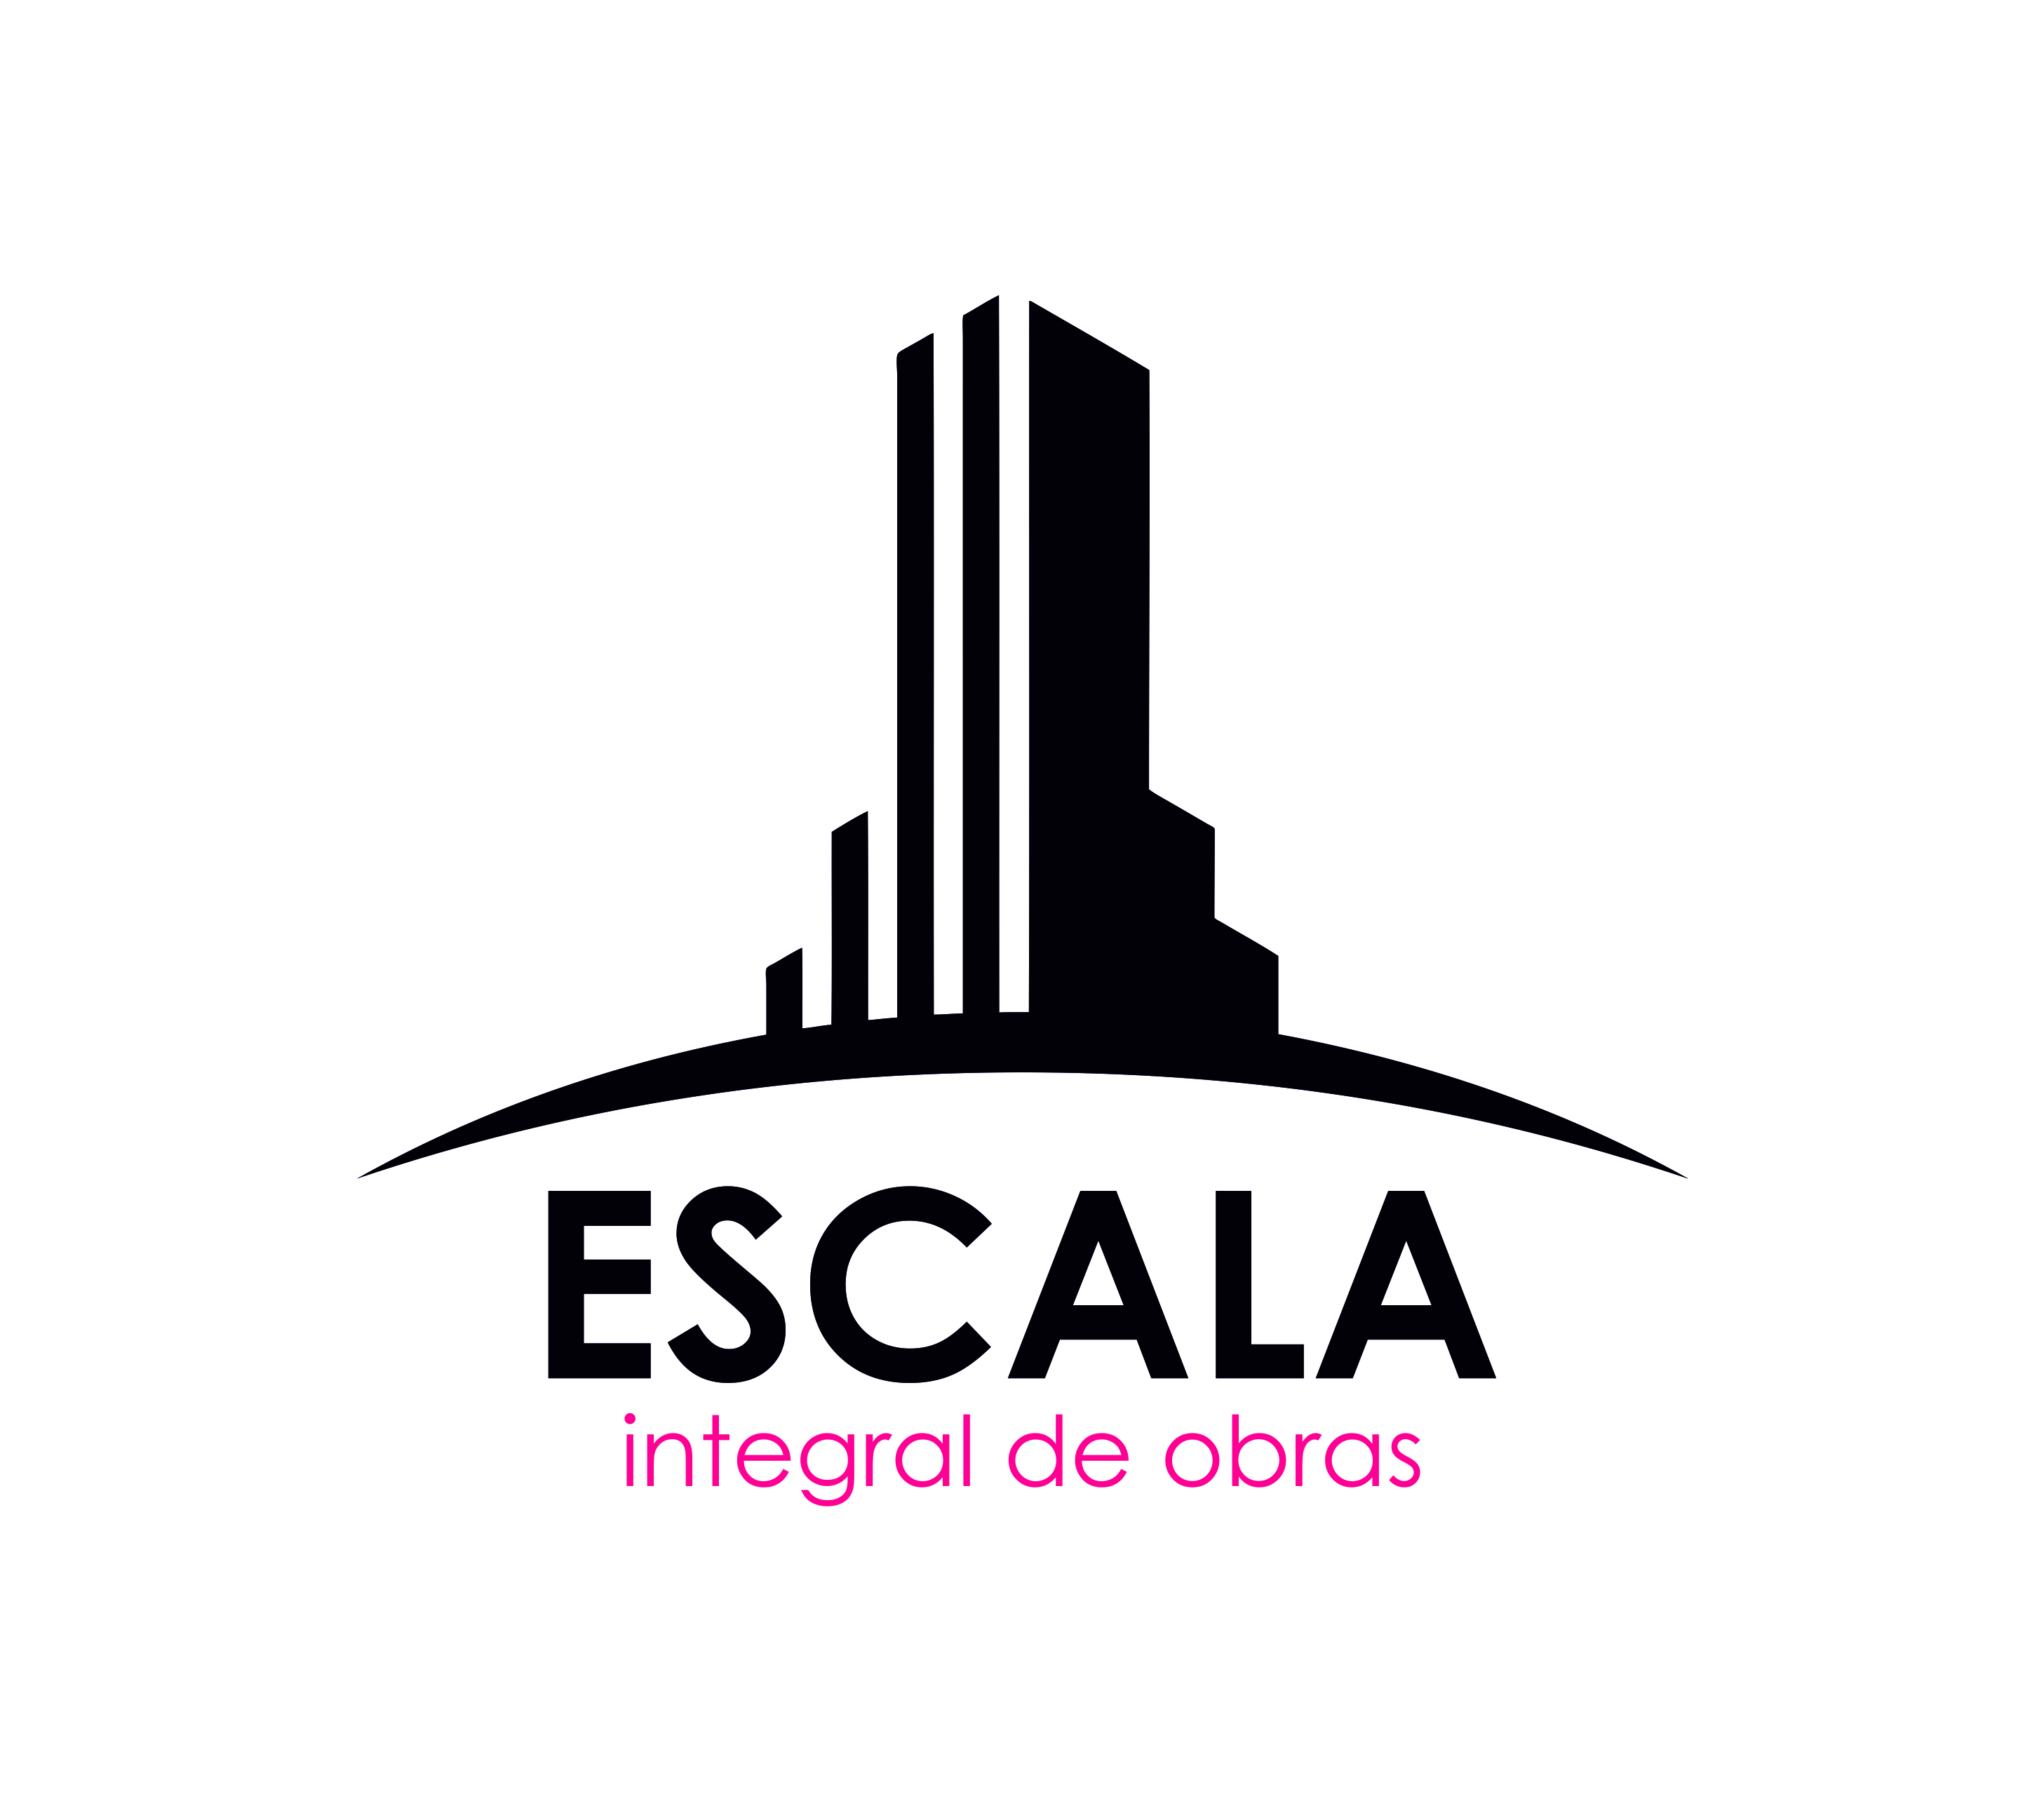 Escala Integral De Obras S.l.